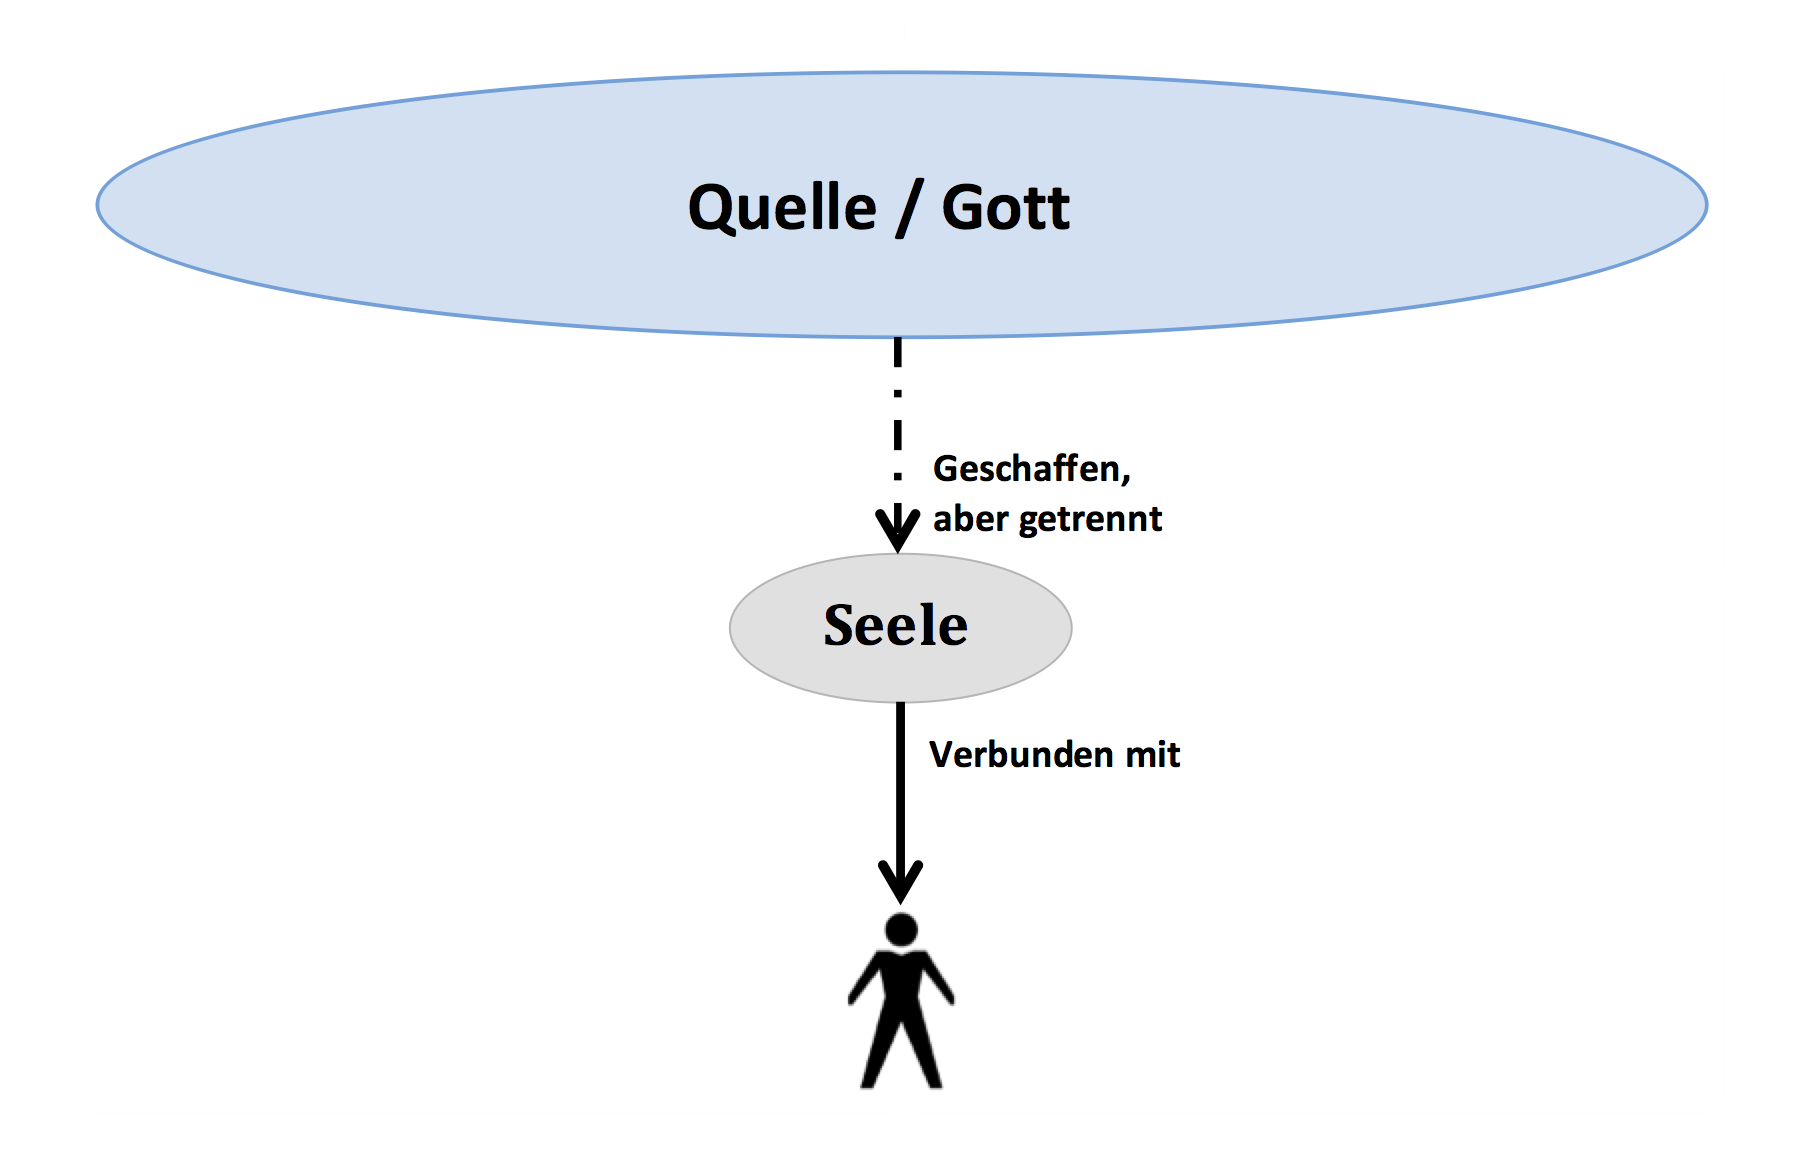 hoeheres-selbst-1